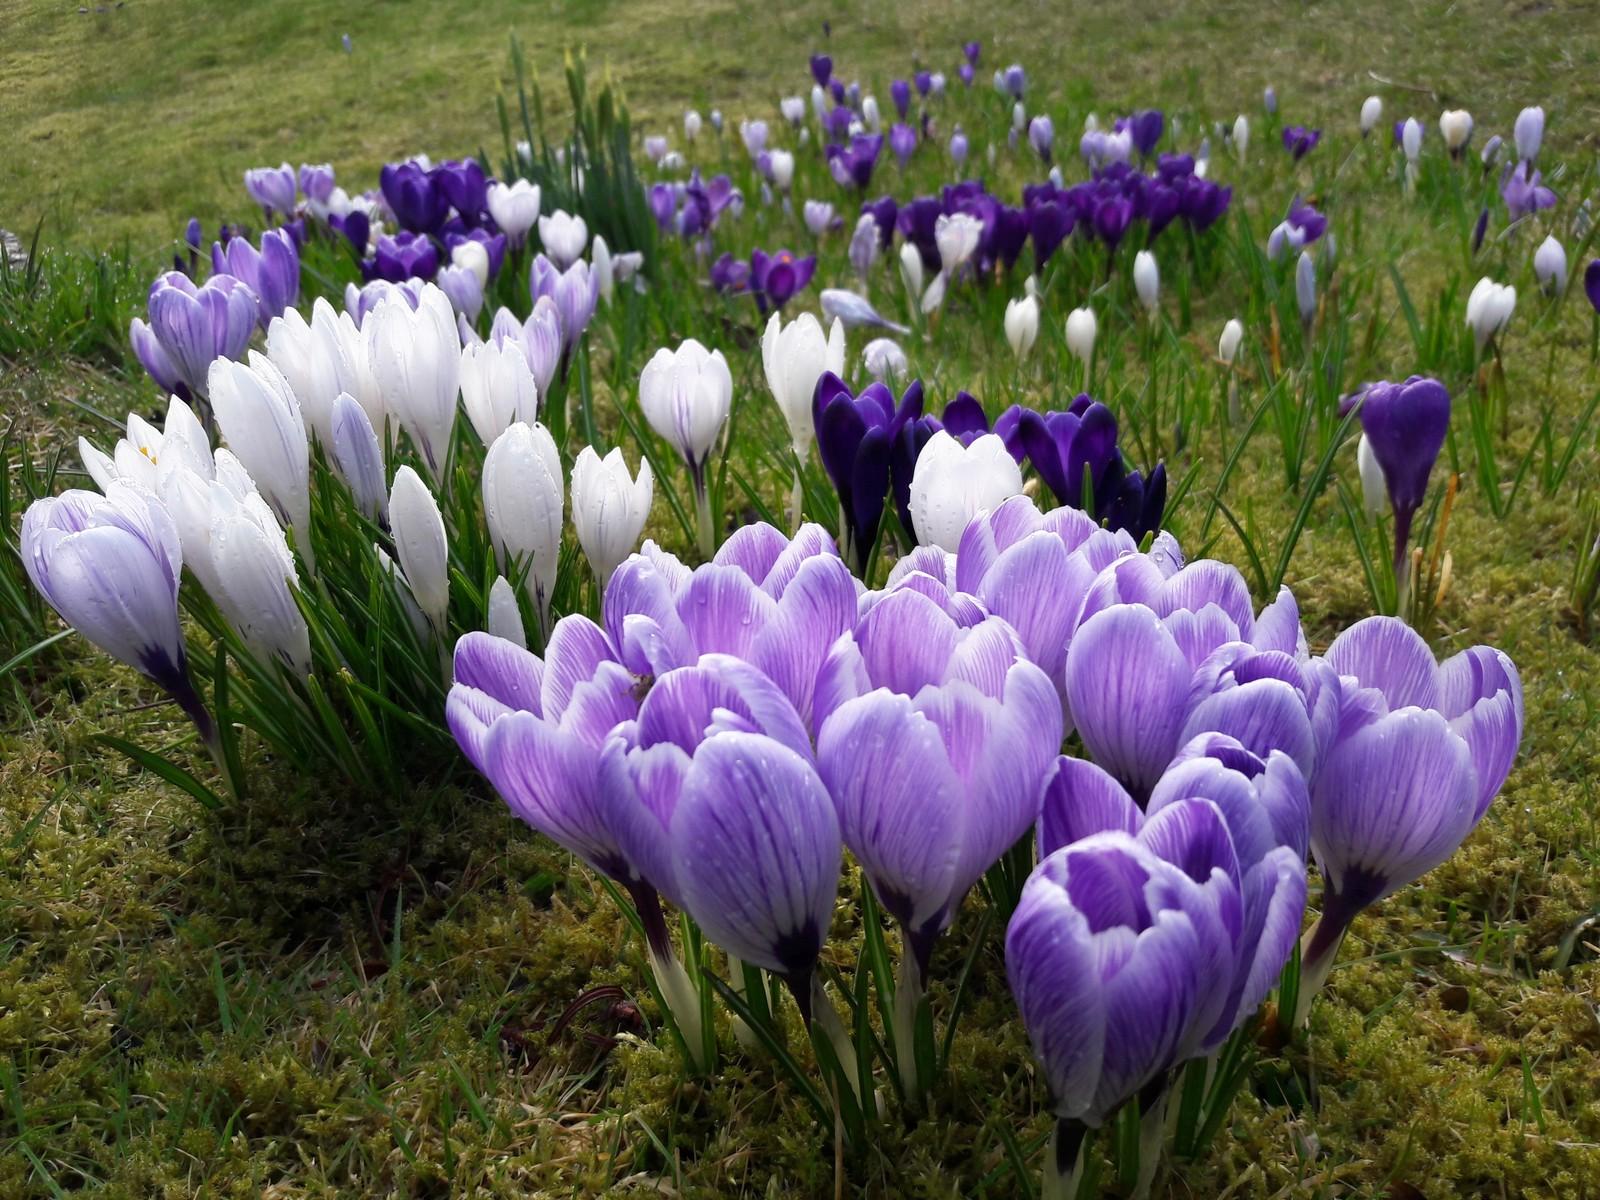 Krokusen blomstrer i Kvernevik, Stavanger.